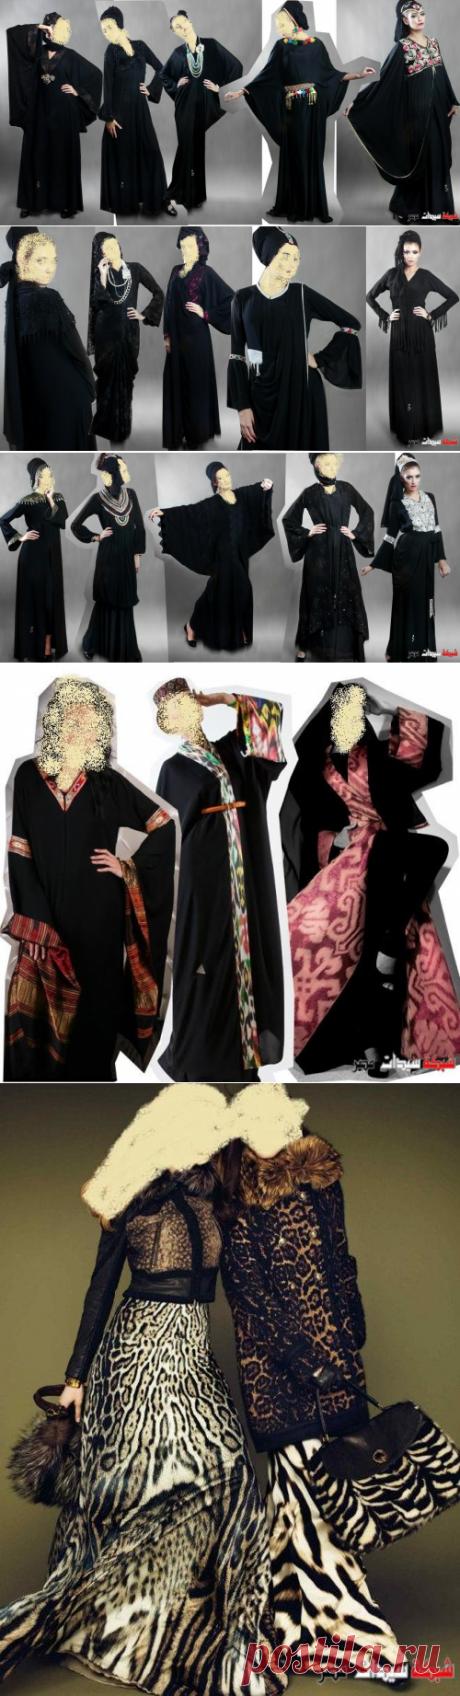 عبايات خليجية 2020- تألقي مع عبايات خليجية مطرزة موديلات 2020 - عبايات 2020 - Abaya fashion 2020